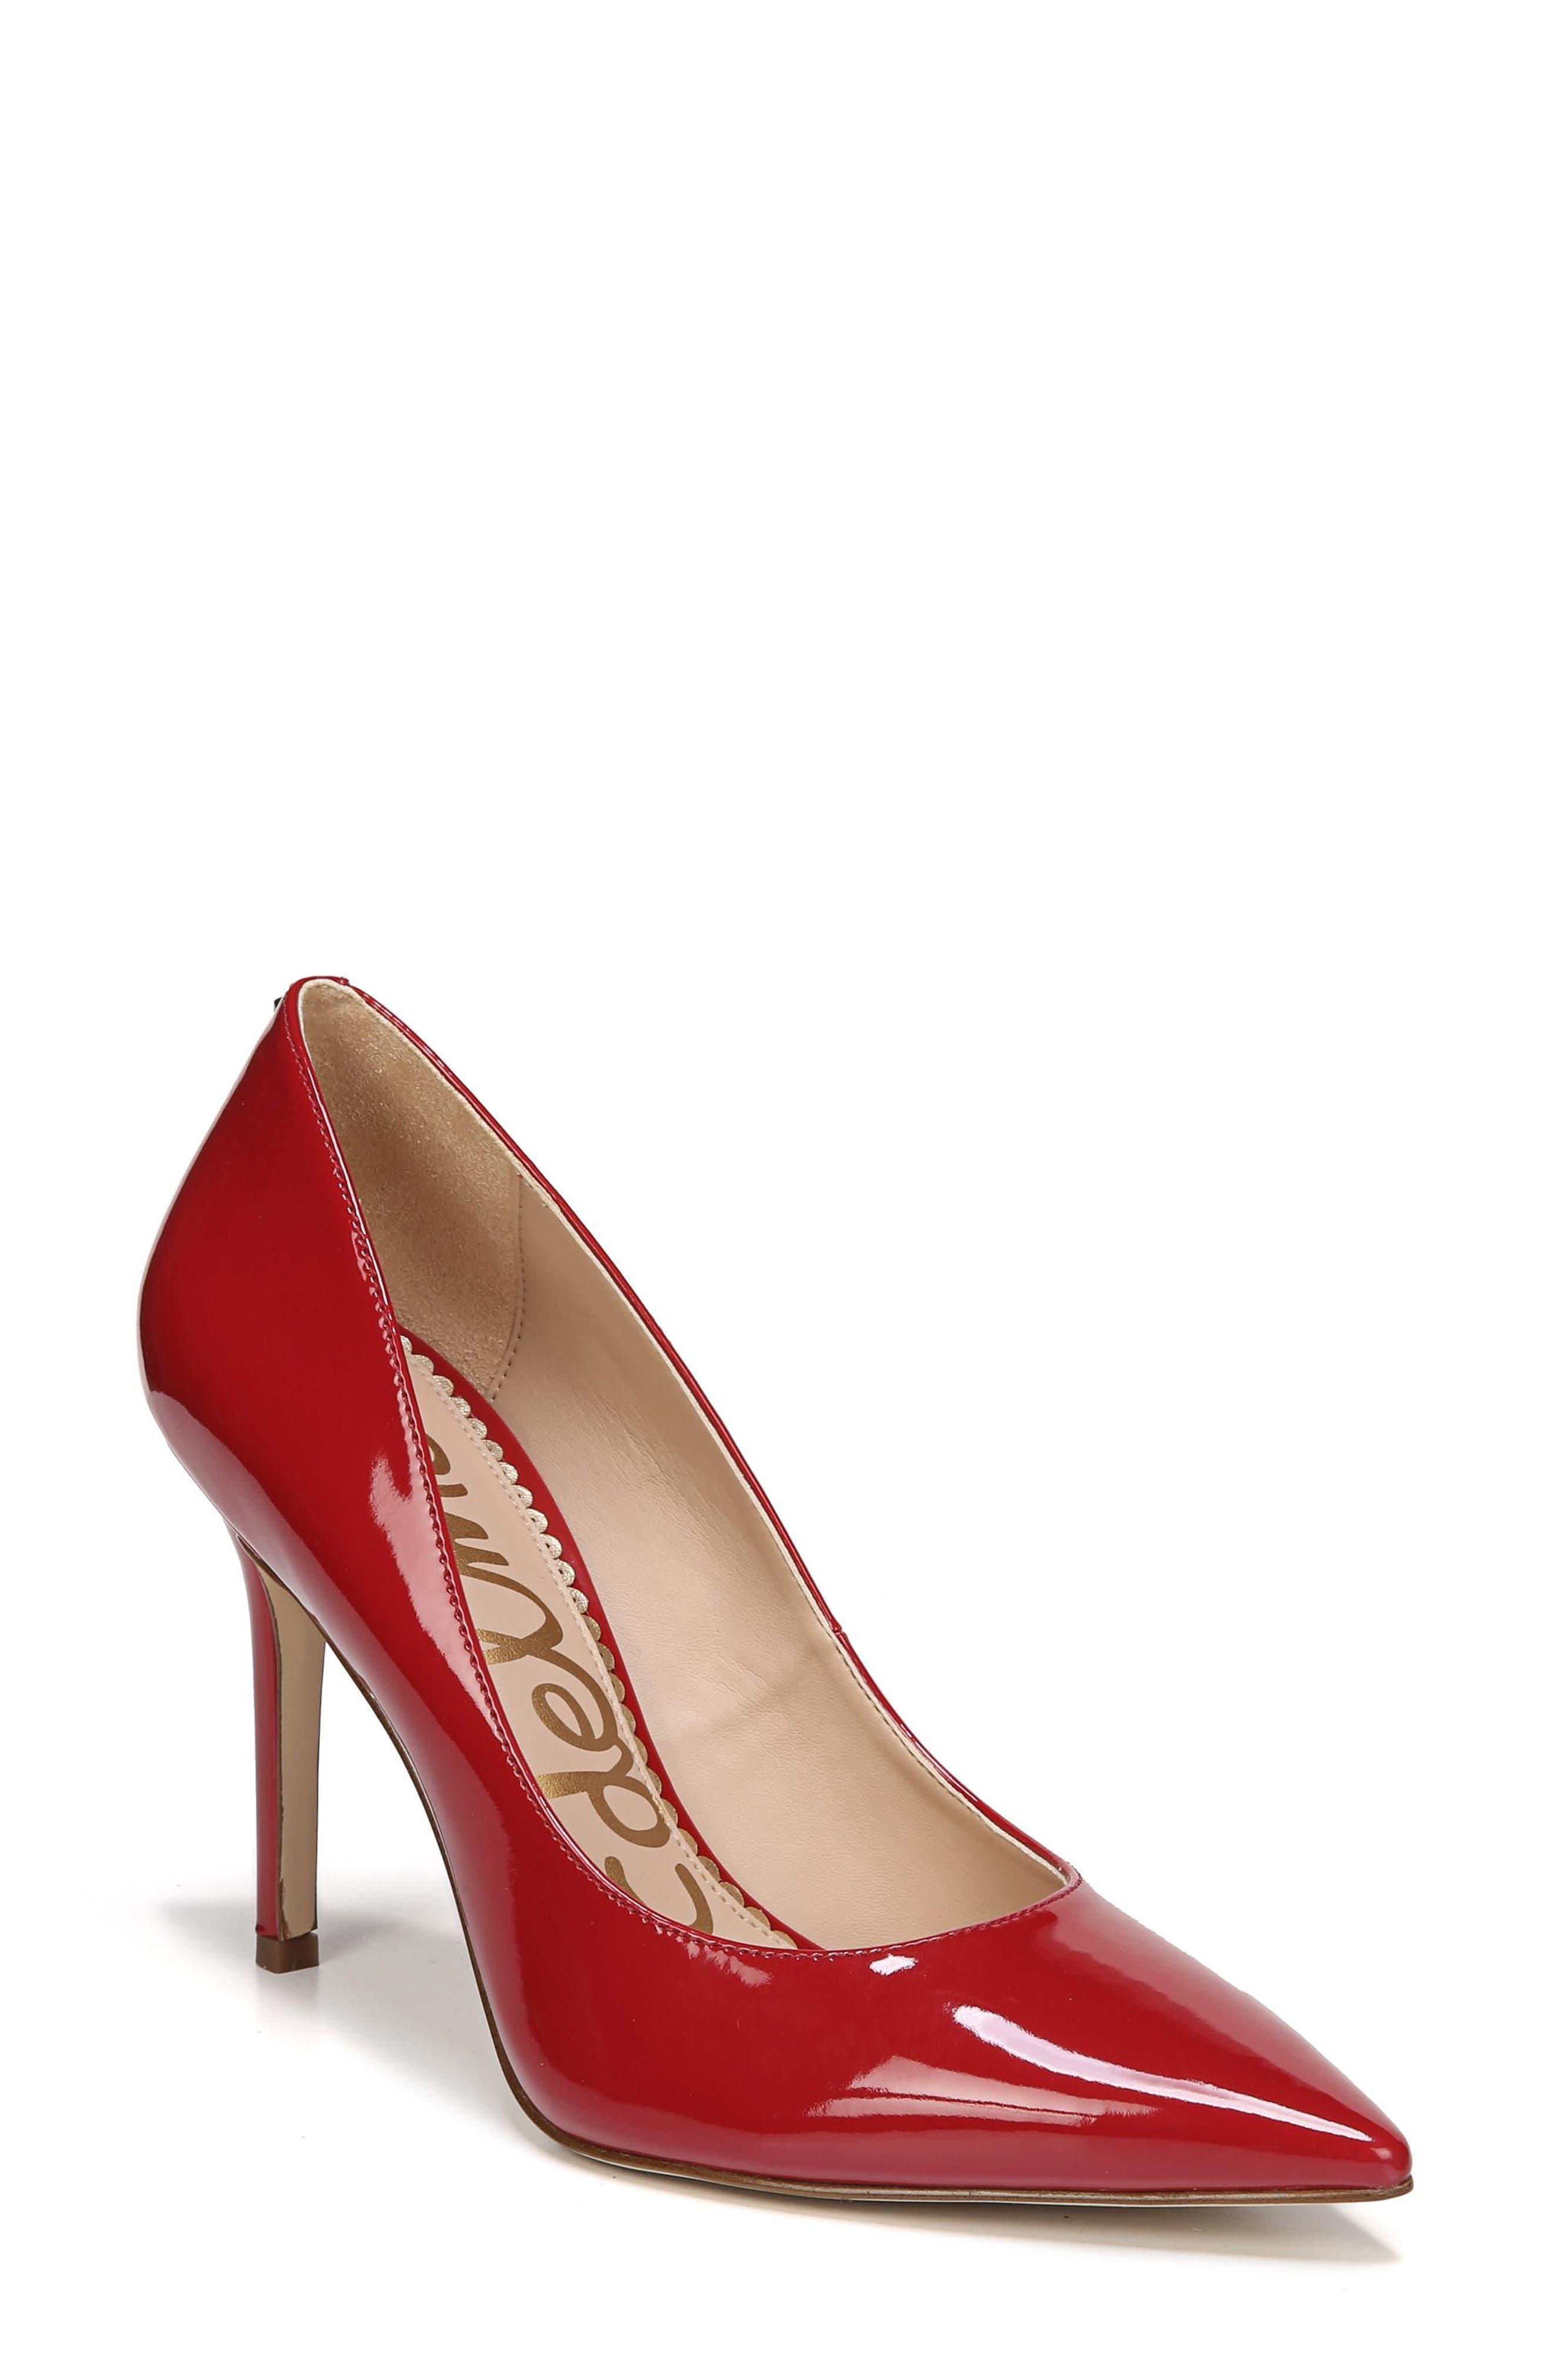 Red Heel Shoes XJlTiUIP